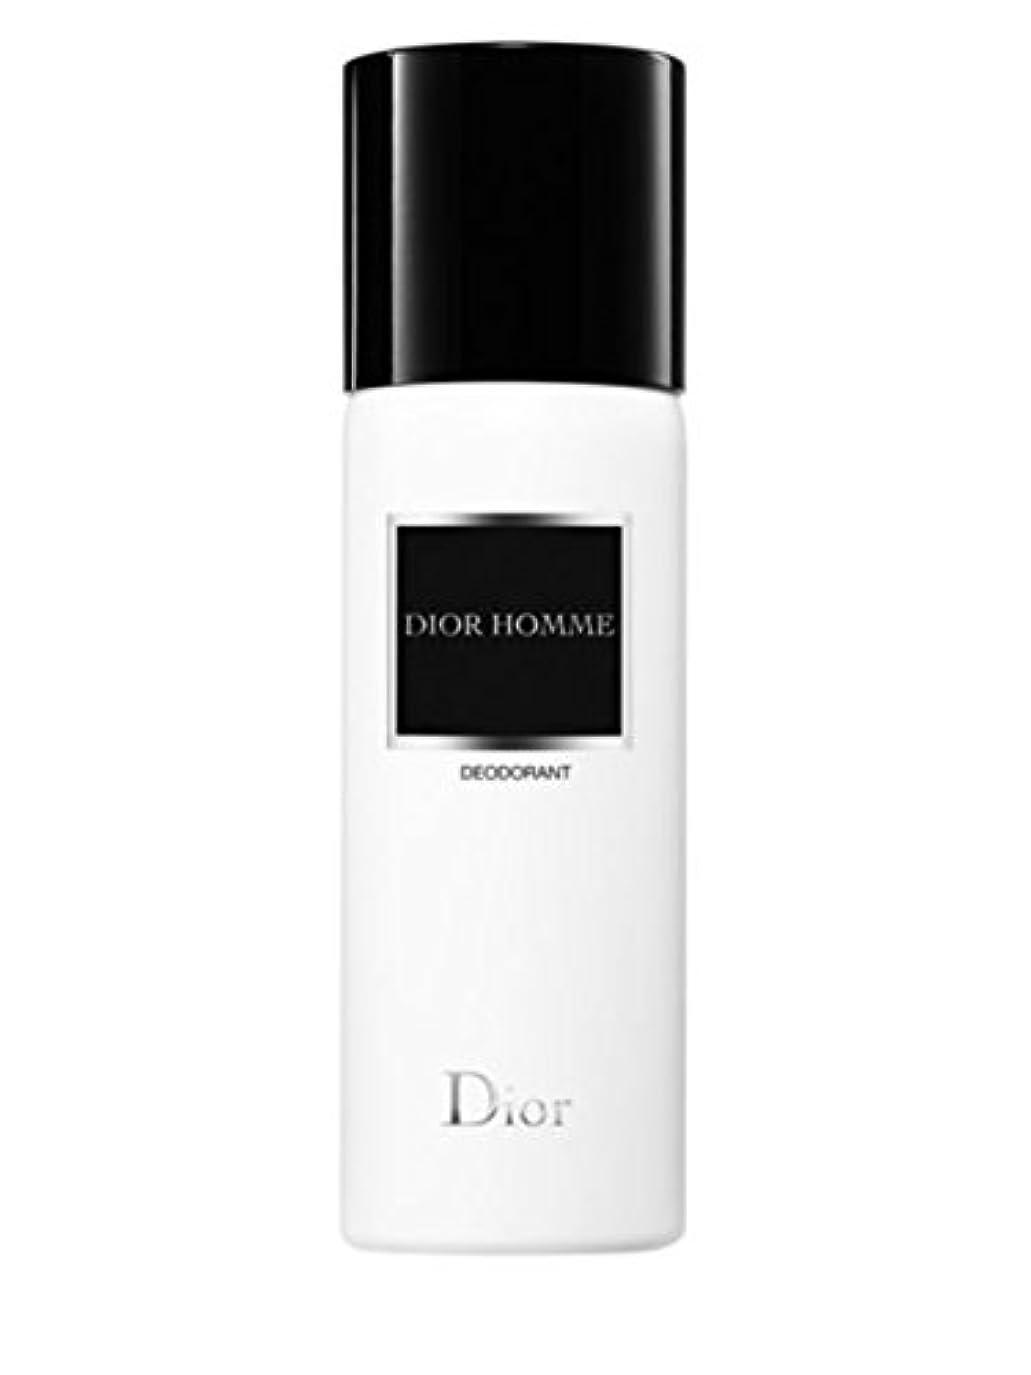 に対して詩人オープナーDior Homme (ディオール オム) 5.0 oz (150ml) Deodorant (デオドラント) Spray by Christian Dior